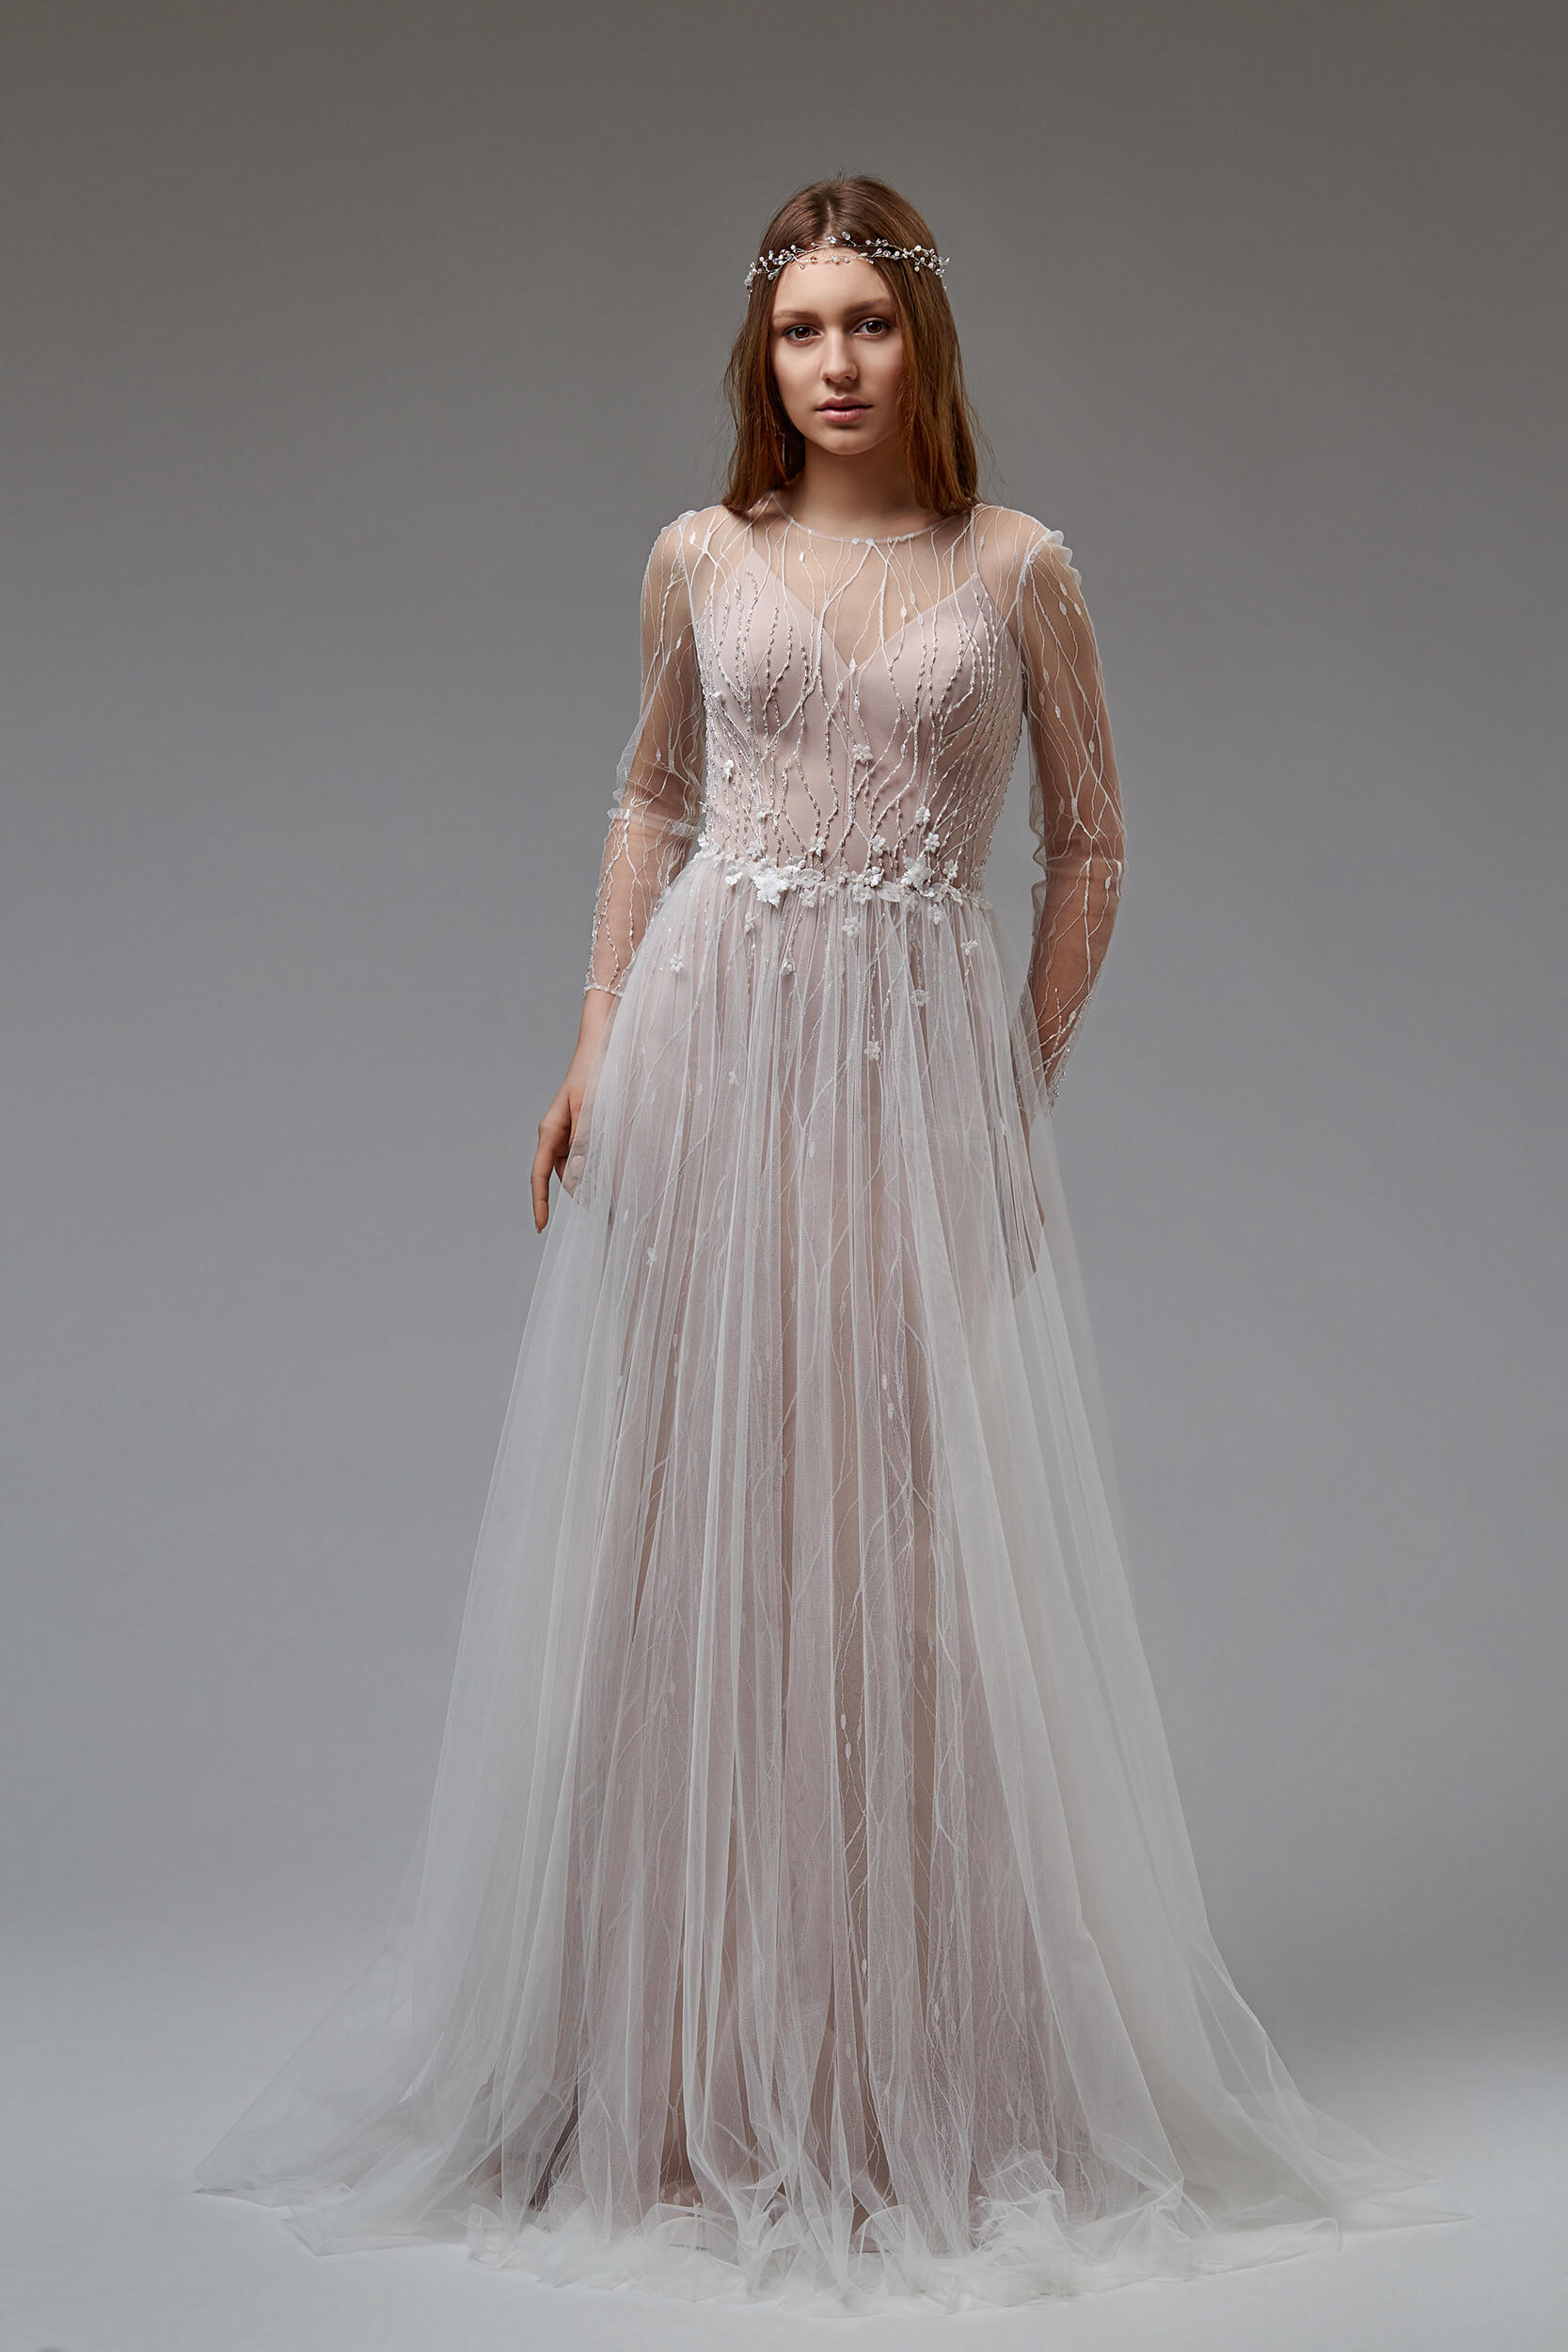 современные свадебные платья(1) | Vero